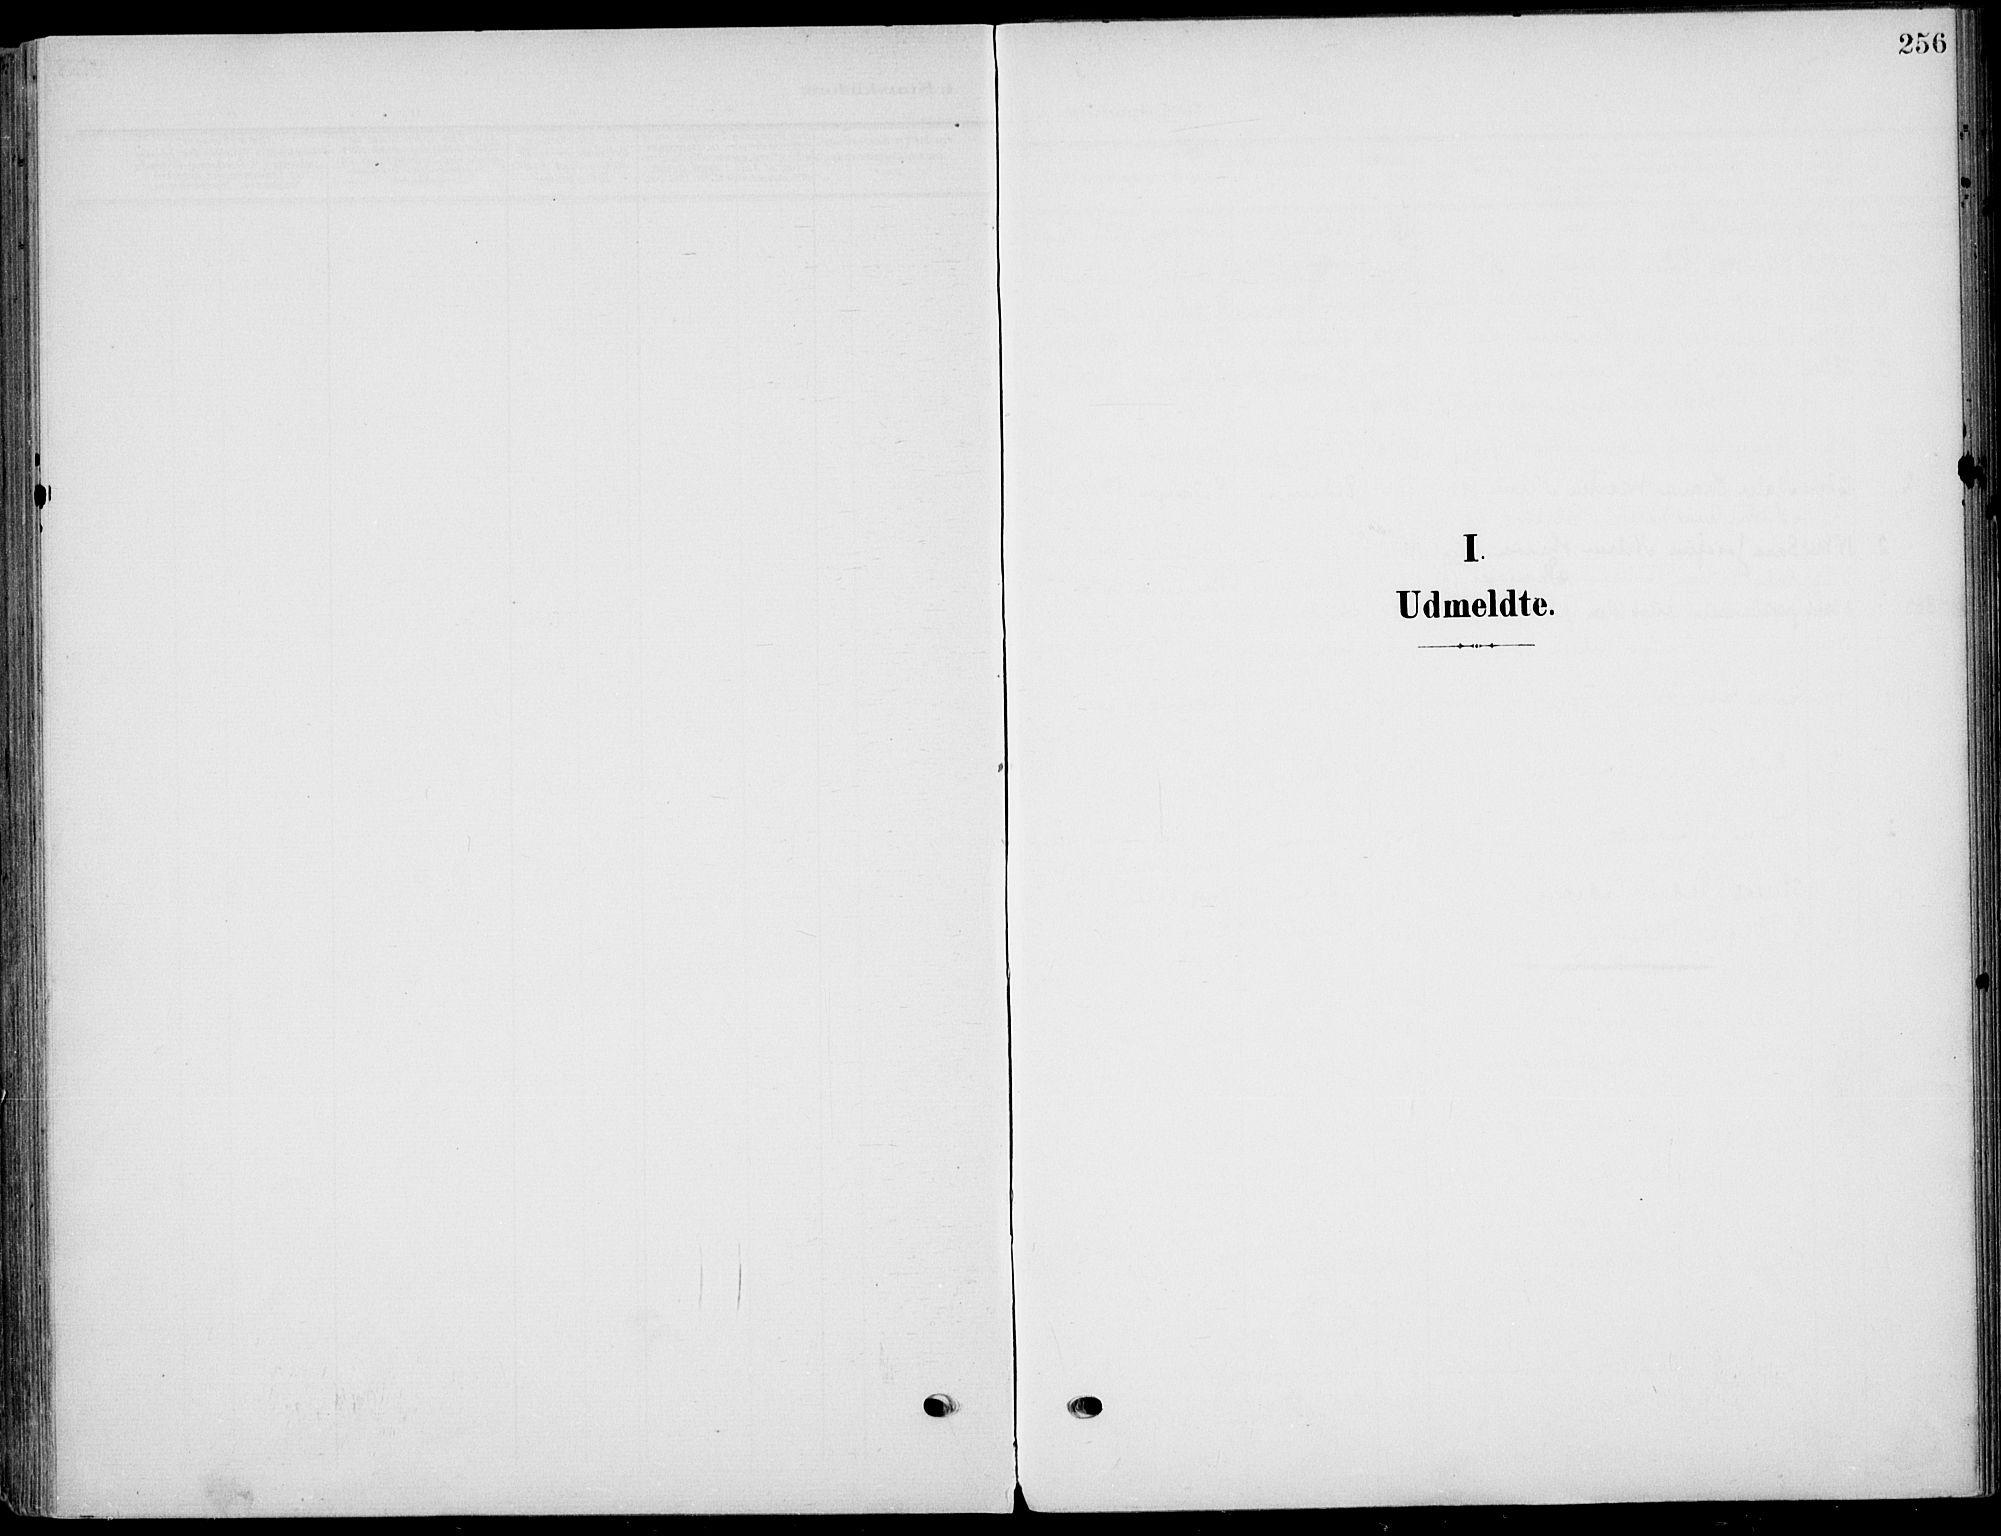 SAKO, Eidanger kirkebøker, F/Fa/L0013: Ministerialbok nr. 13, 1900-1913, s. 256